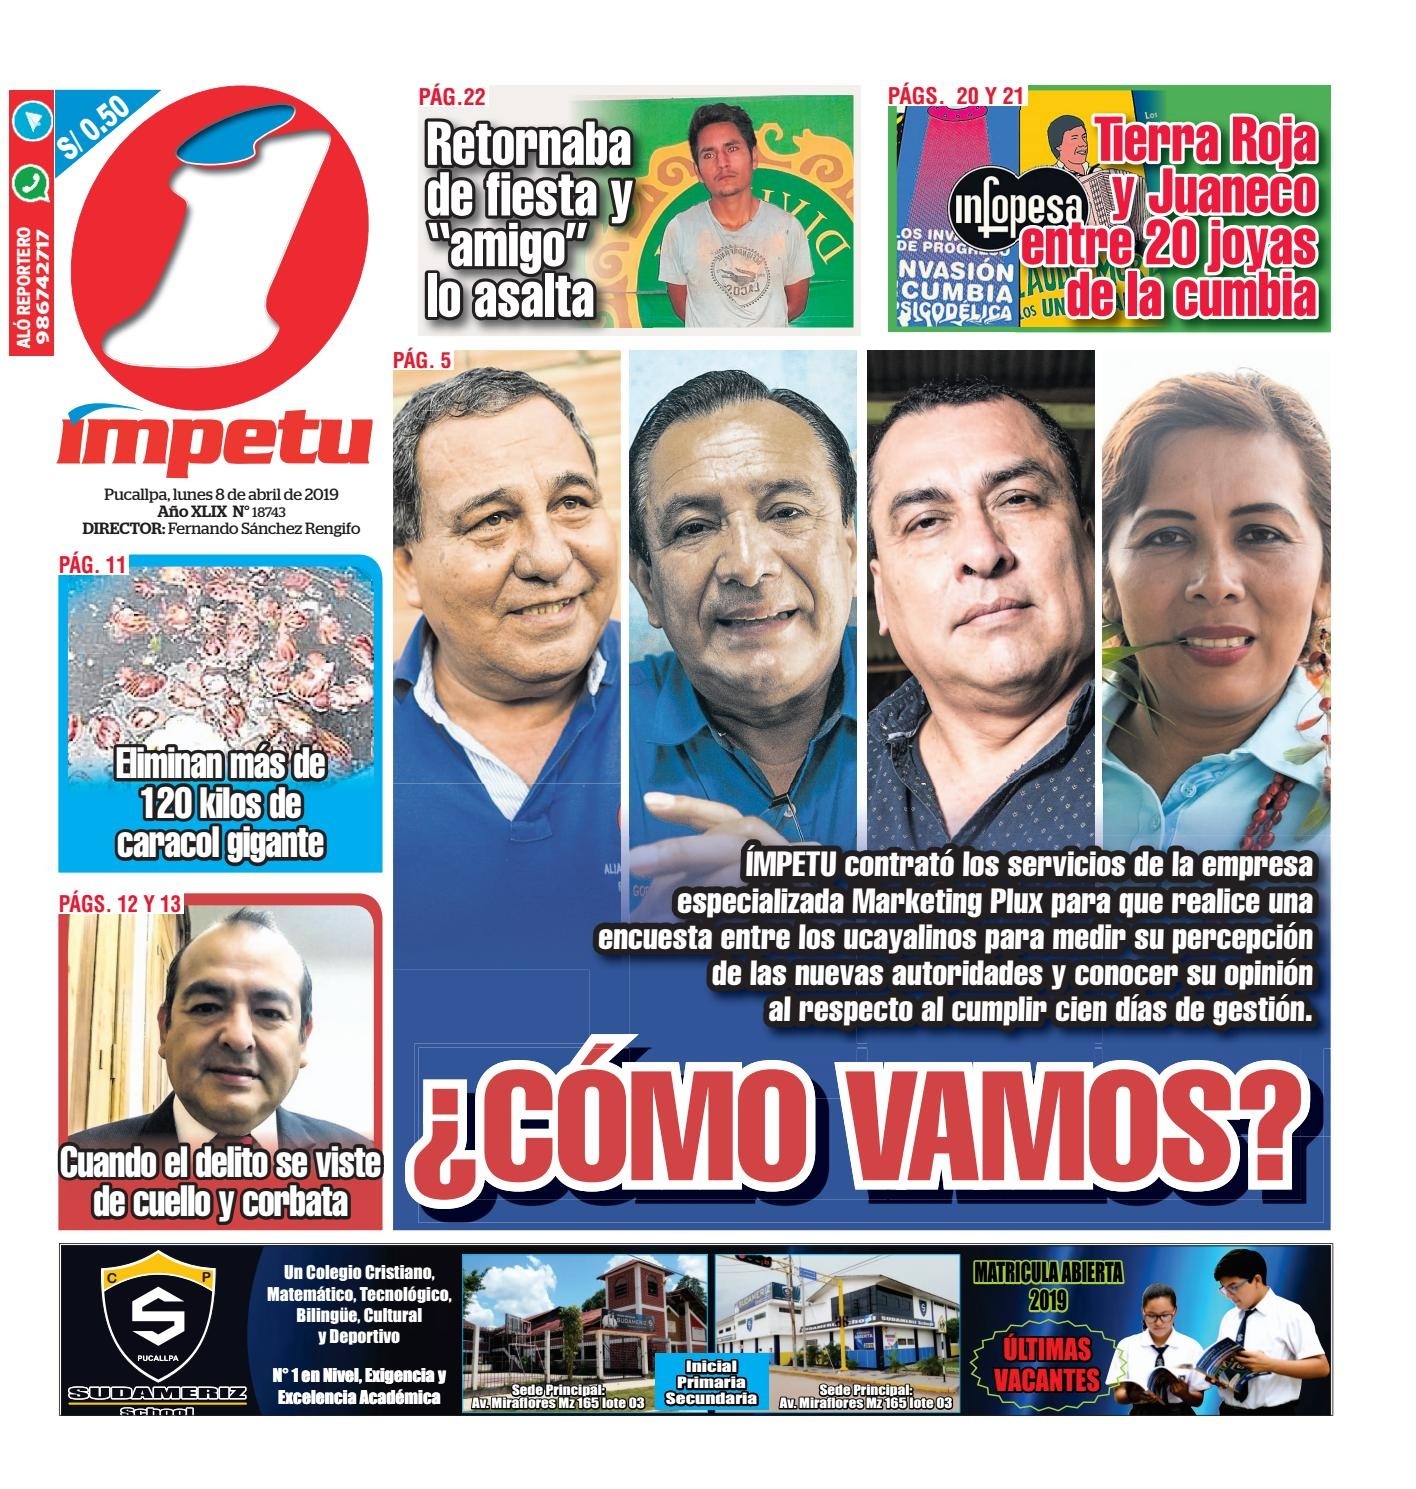 Calendario 2019 Con Semanas Y Festivos Colombia Calendario Más Recientemente Liberado mpetu Pucallpa 08 De Abril De 2019 by Diario mpetu issuu